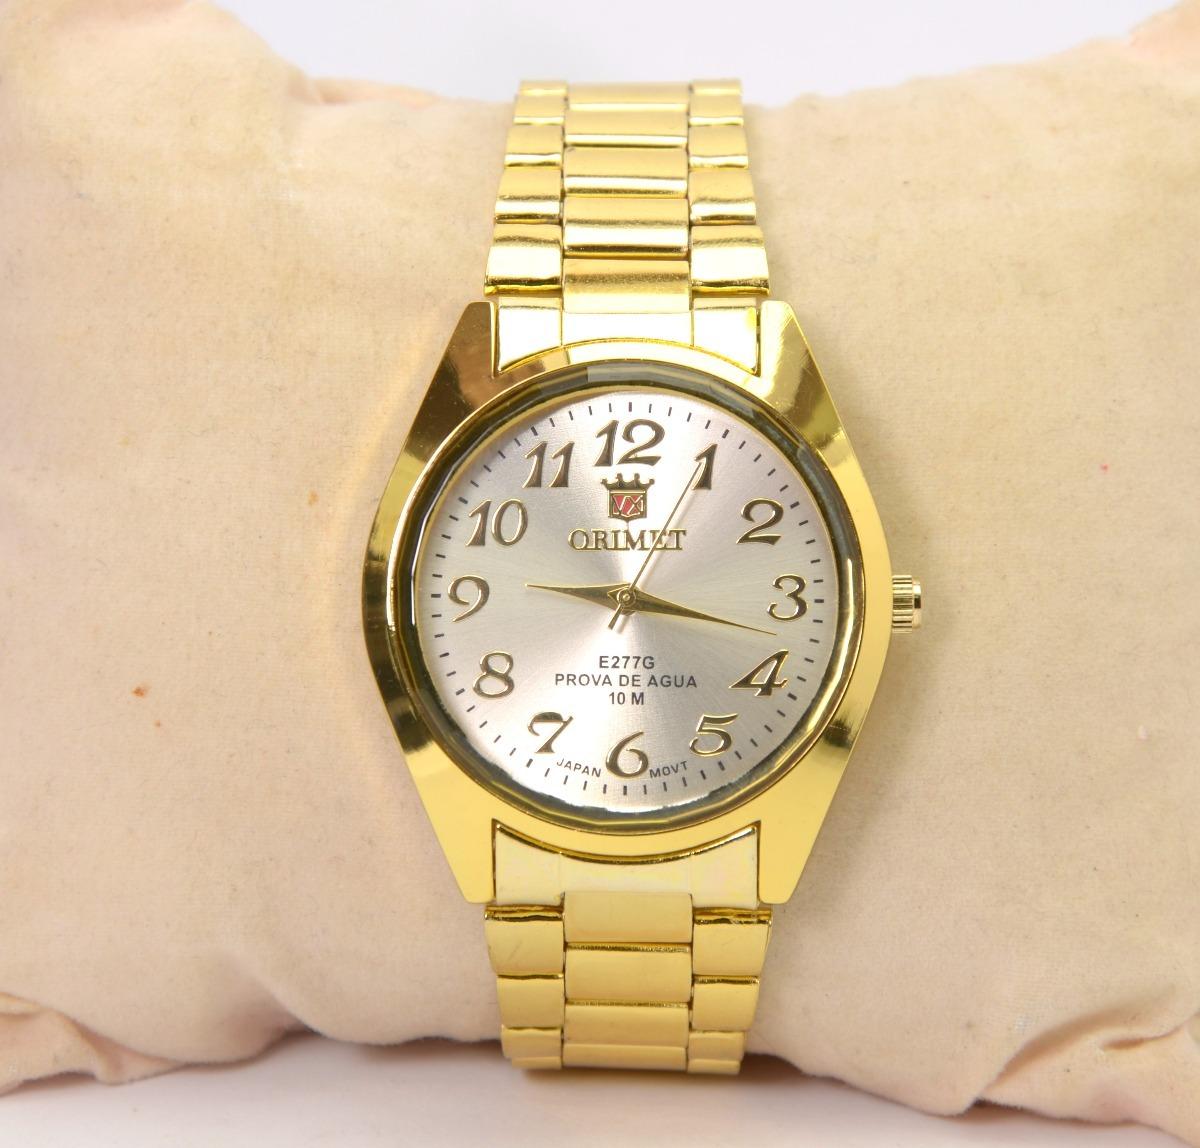 60e0212b310 lote kit 10 relógios baratos feminino em atacado pra revenda. Carregando  zoom.